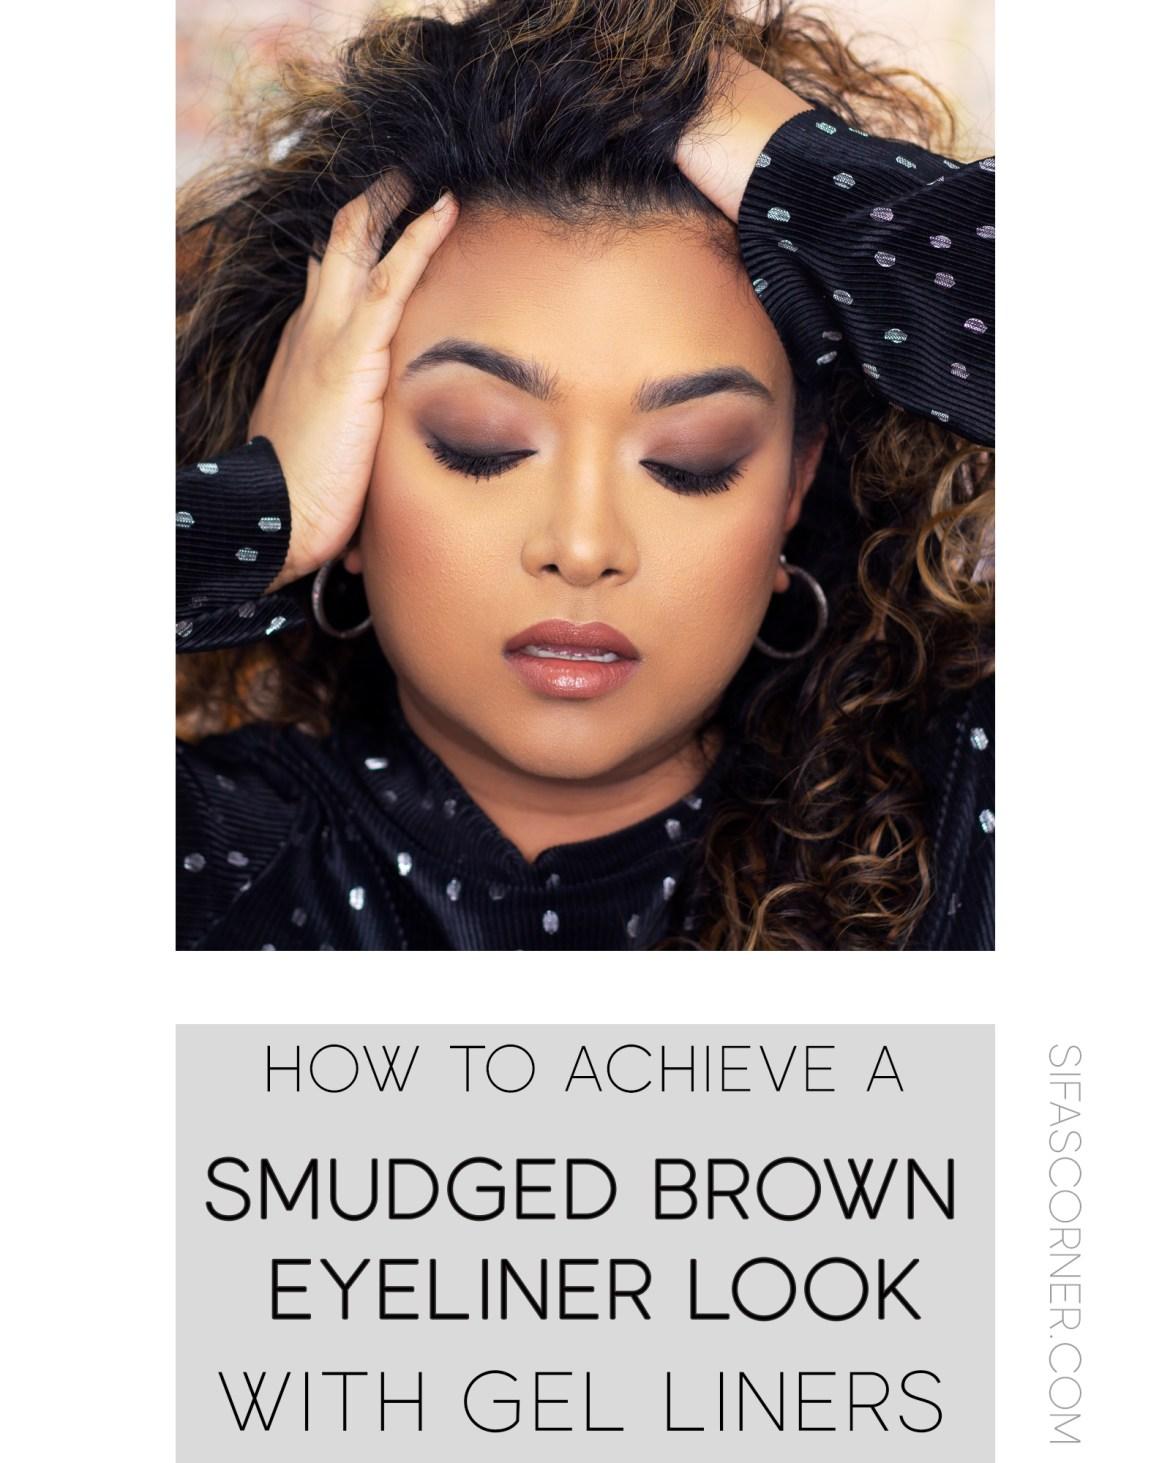 Smudged Brown Smokey Eyes